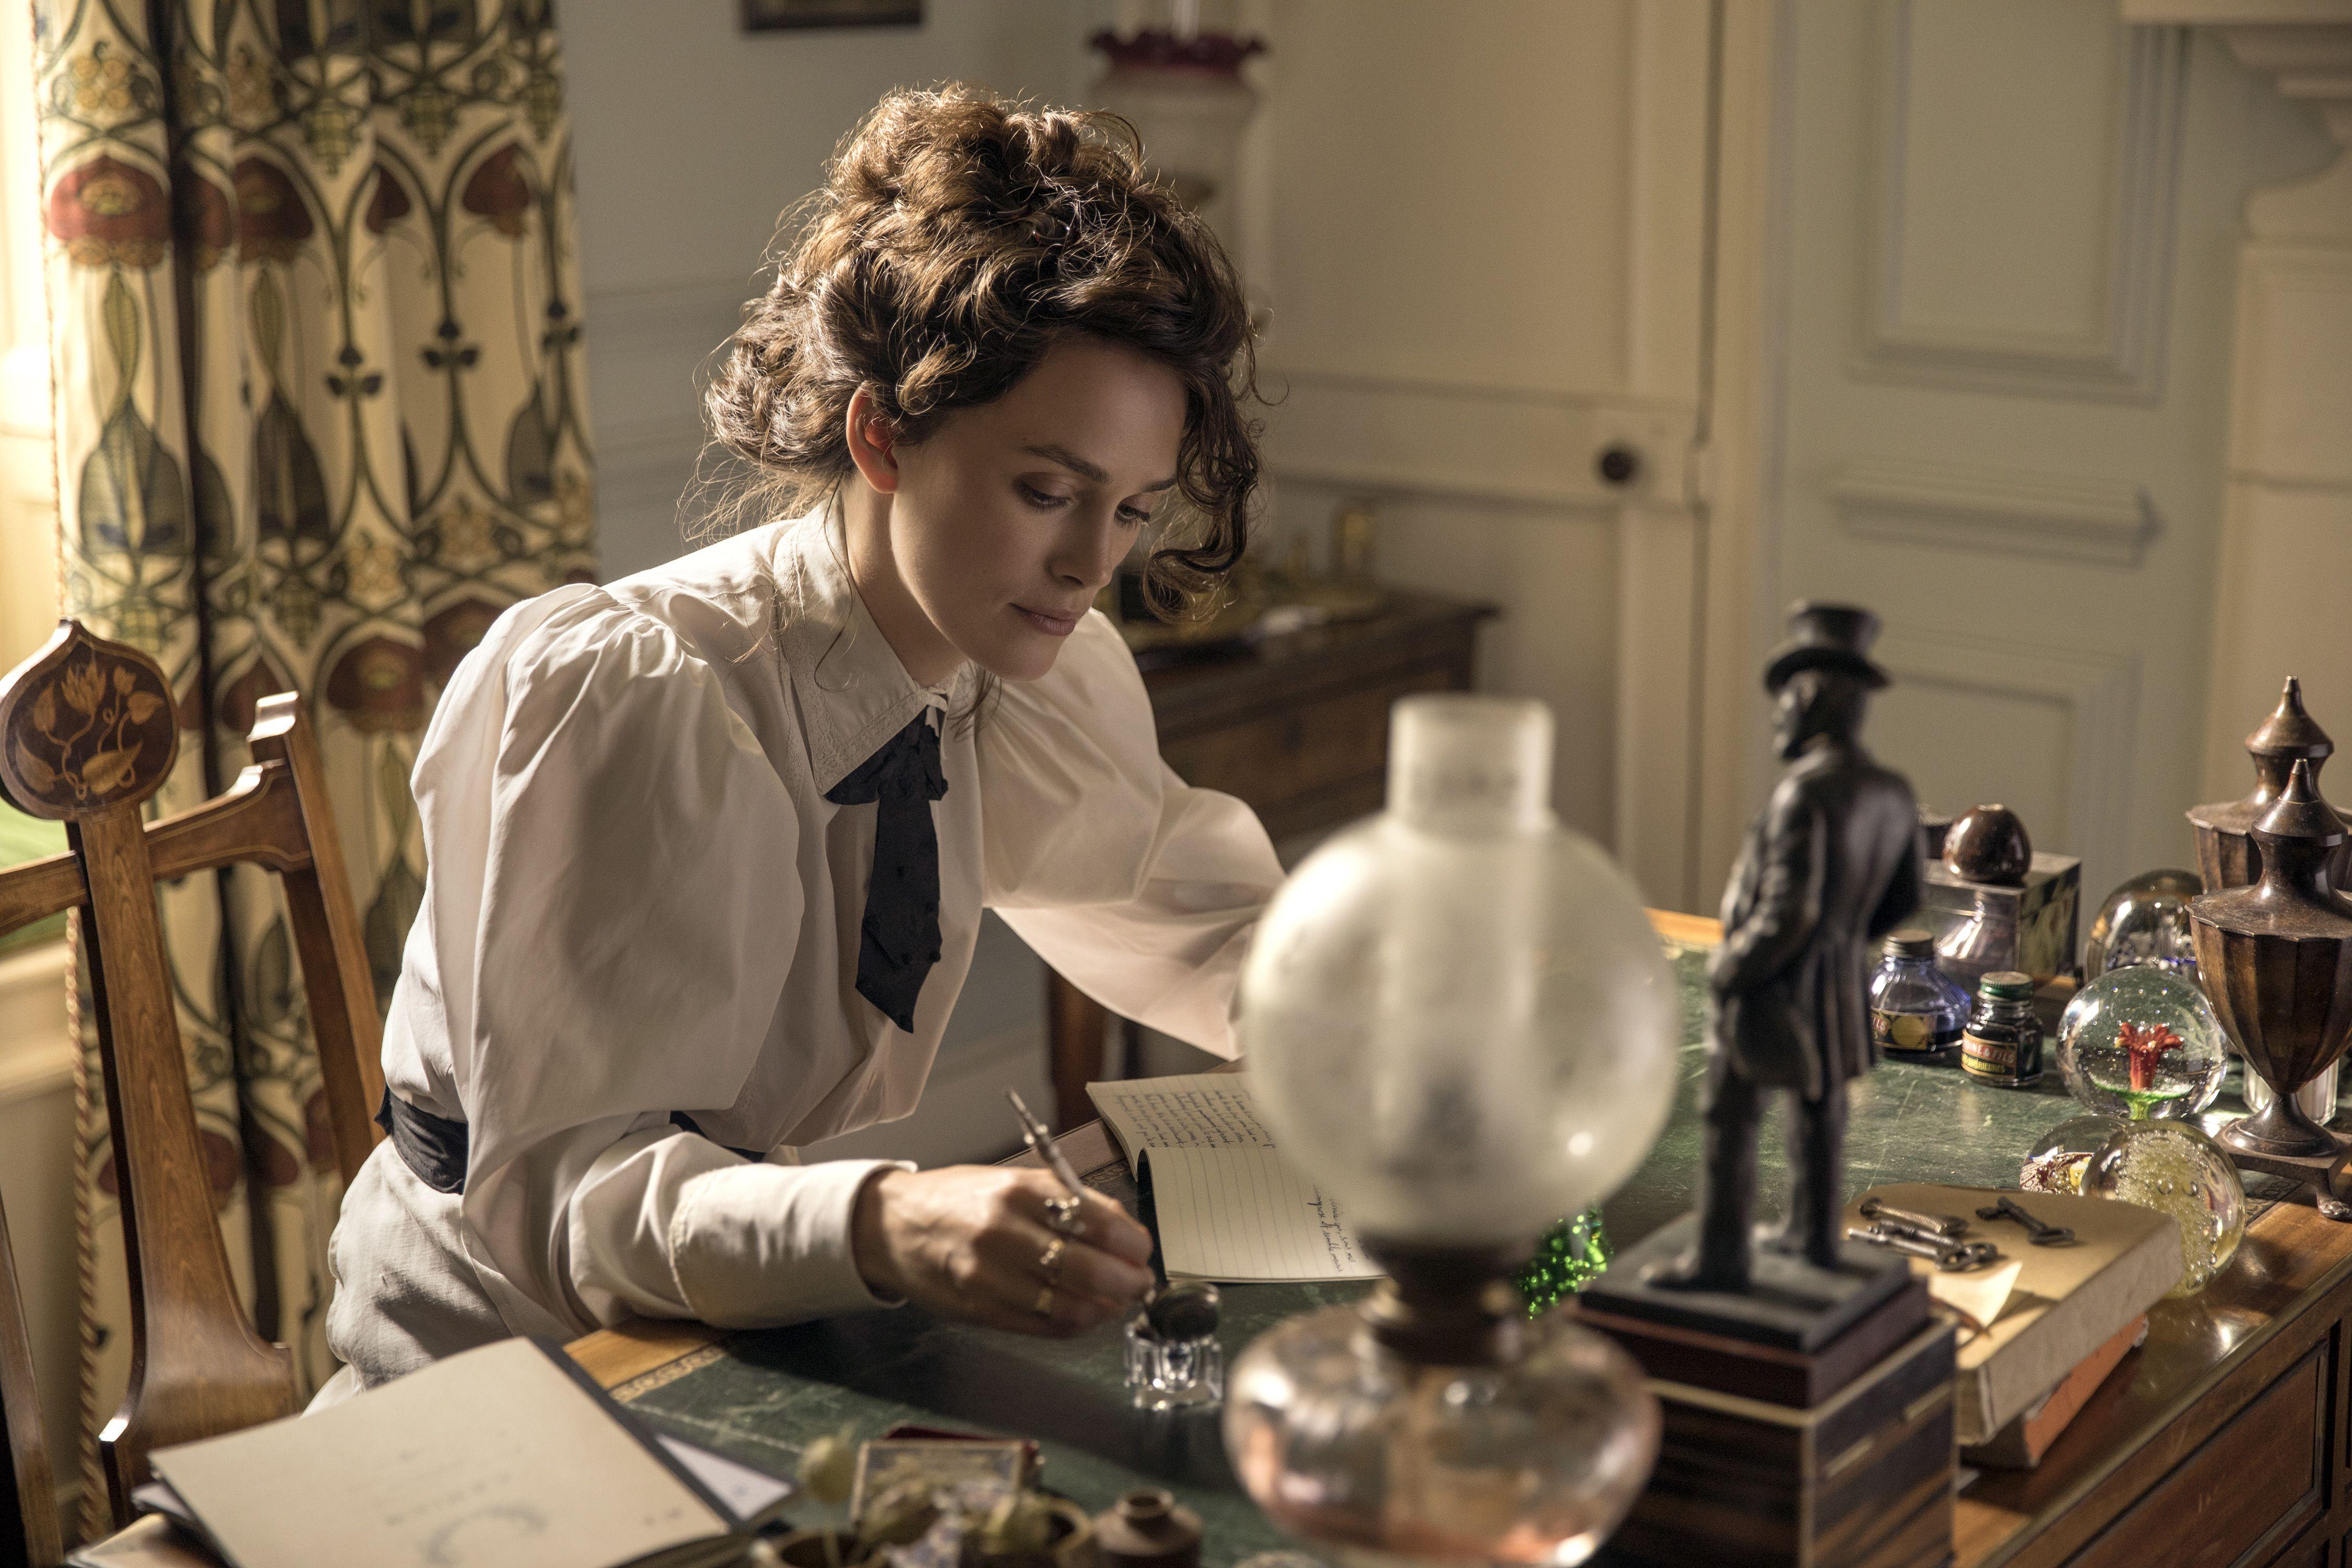 Com ótima atuação de Keira Knightley, Colette debate transgressão